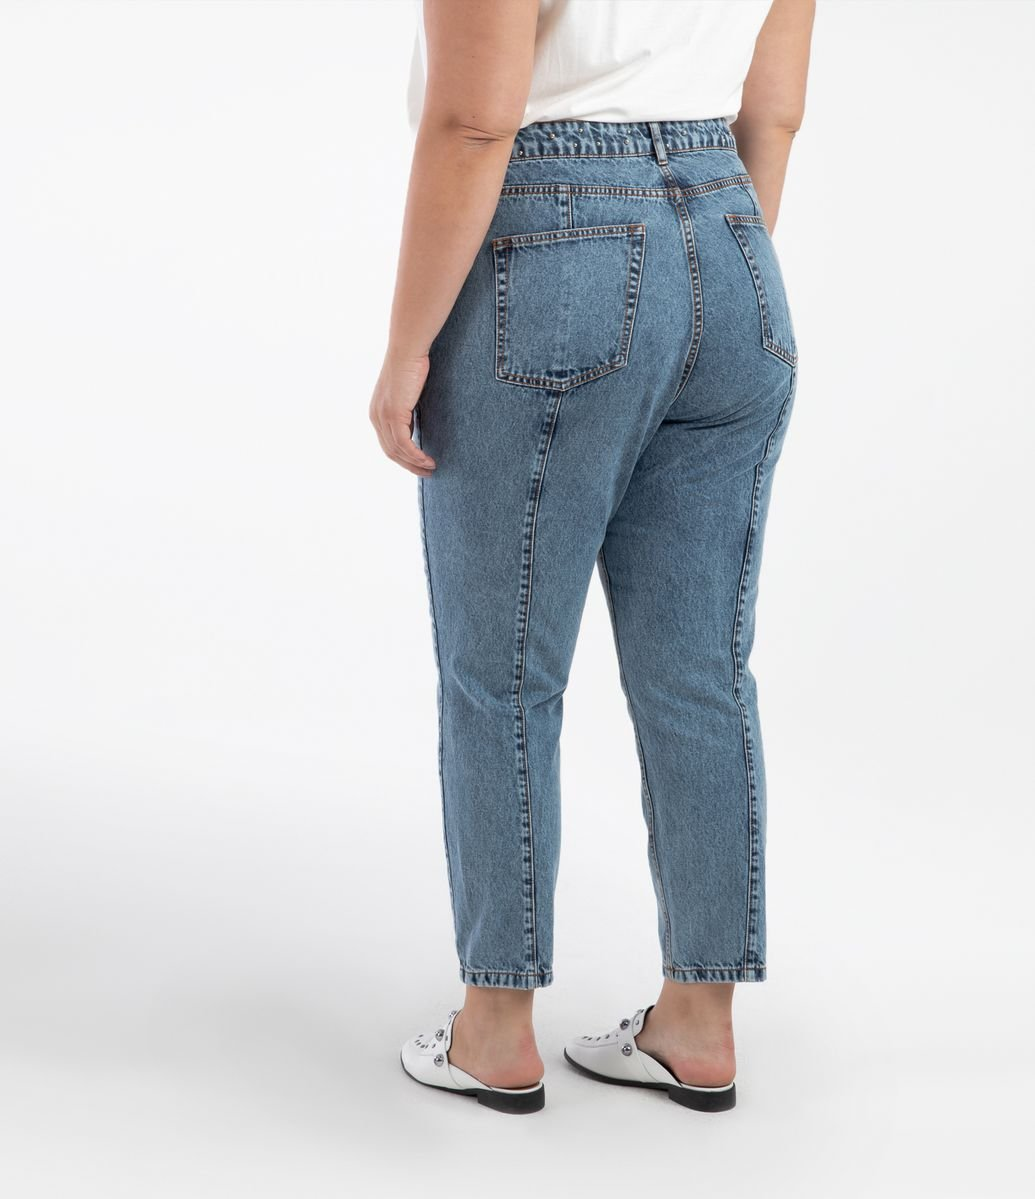 ae485204a3f3 ... Calça Jeans Mom com Aplicações Curve & Plus Size. Brinde